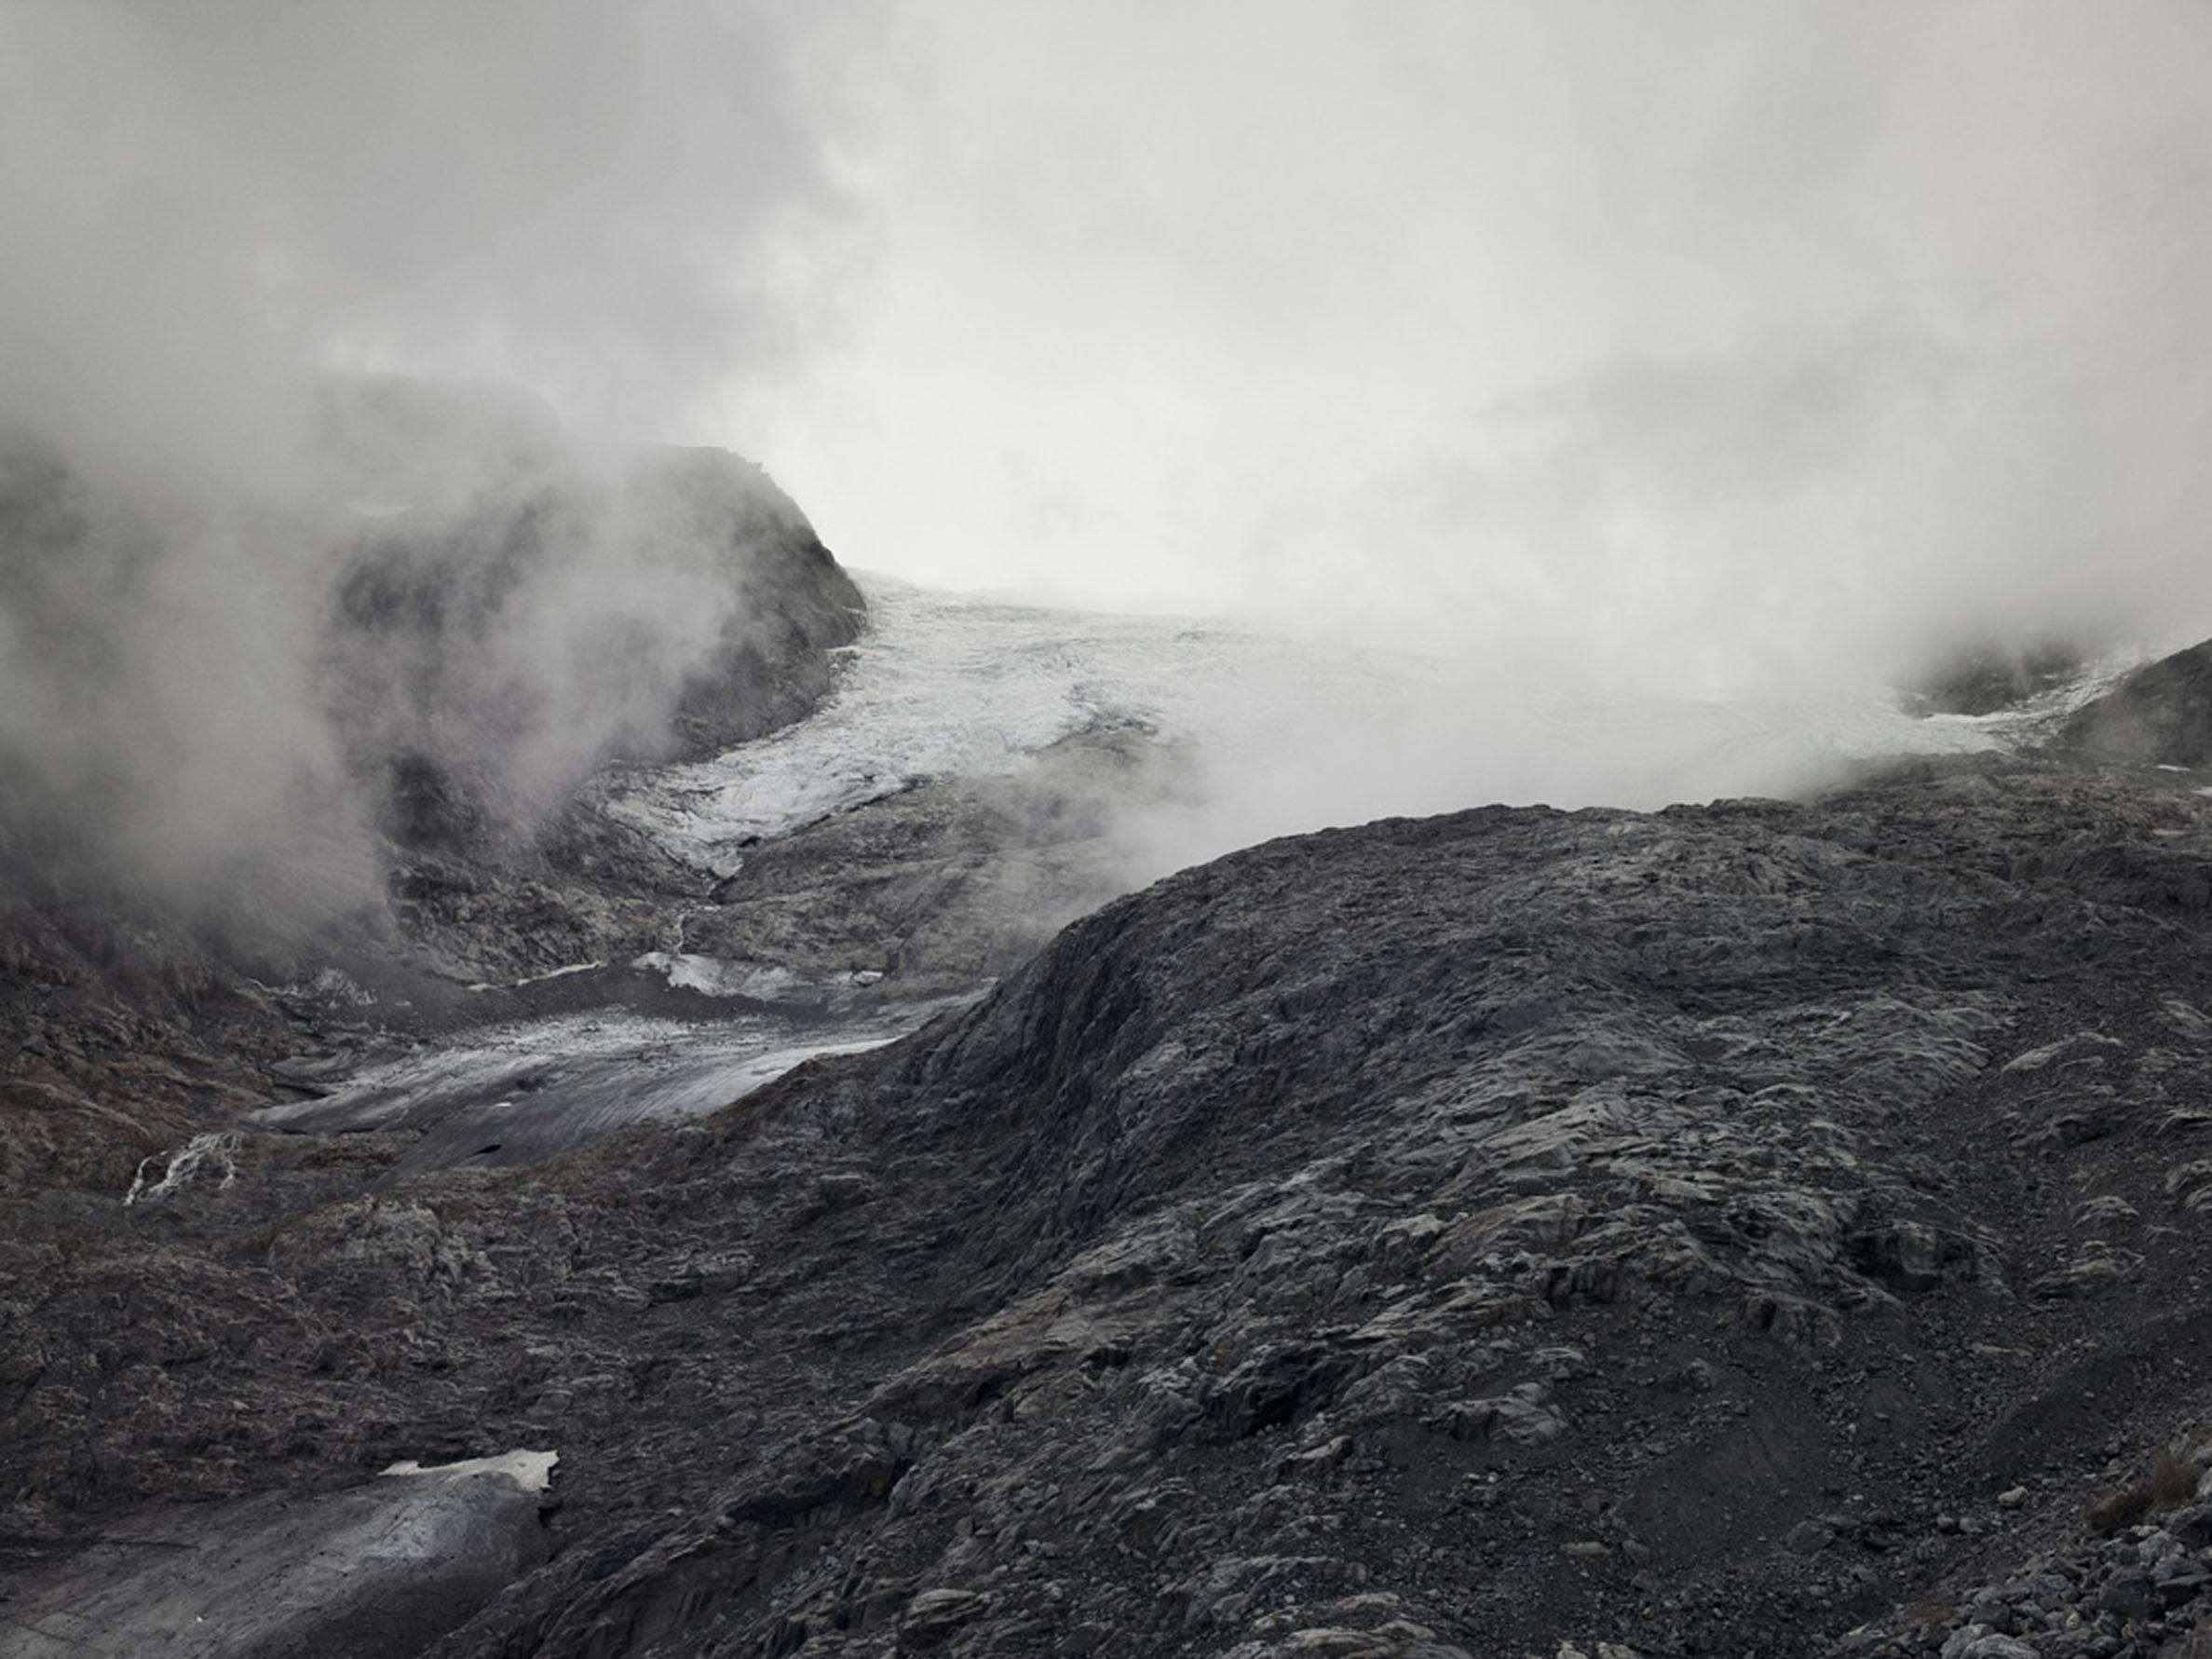 Sandro DienerSusten I, Schweiz, 2012135 x 110 cm Edition of 5 geprintet auf Hahnemühle Photo Rag 305 g